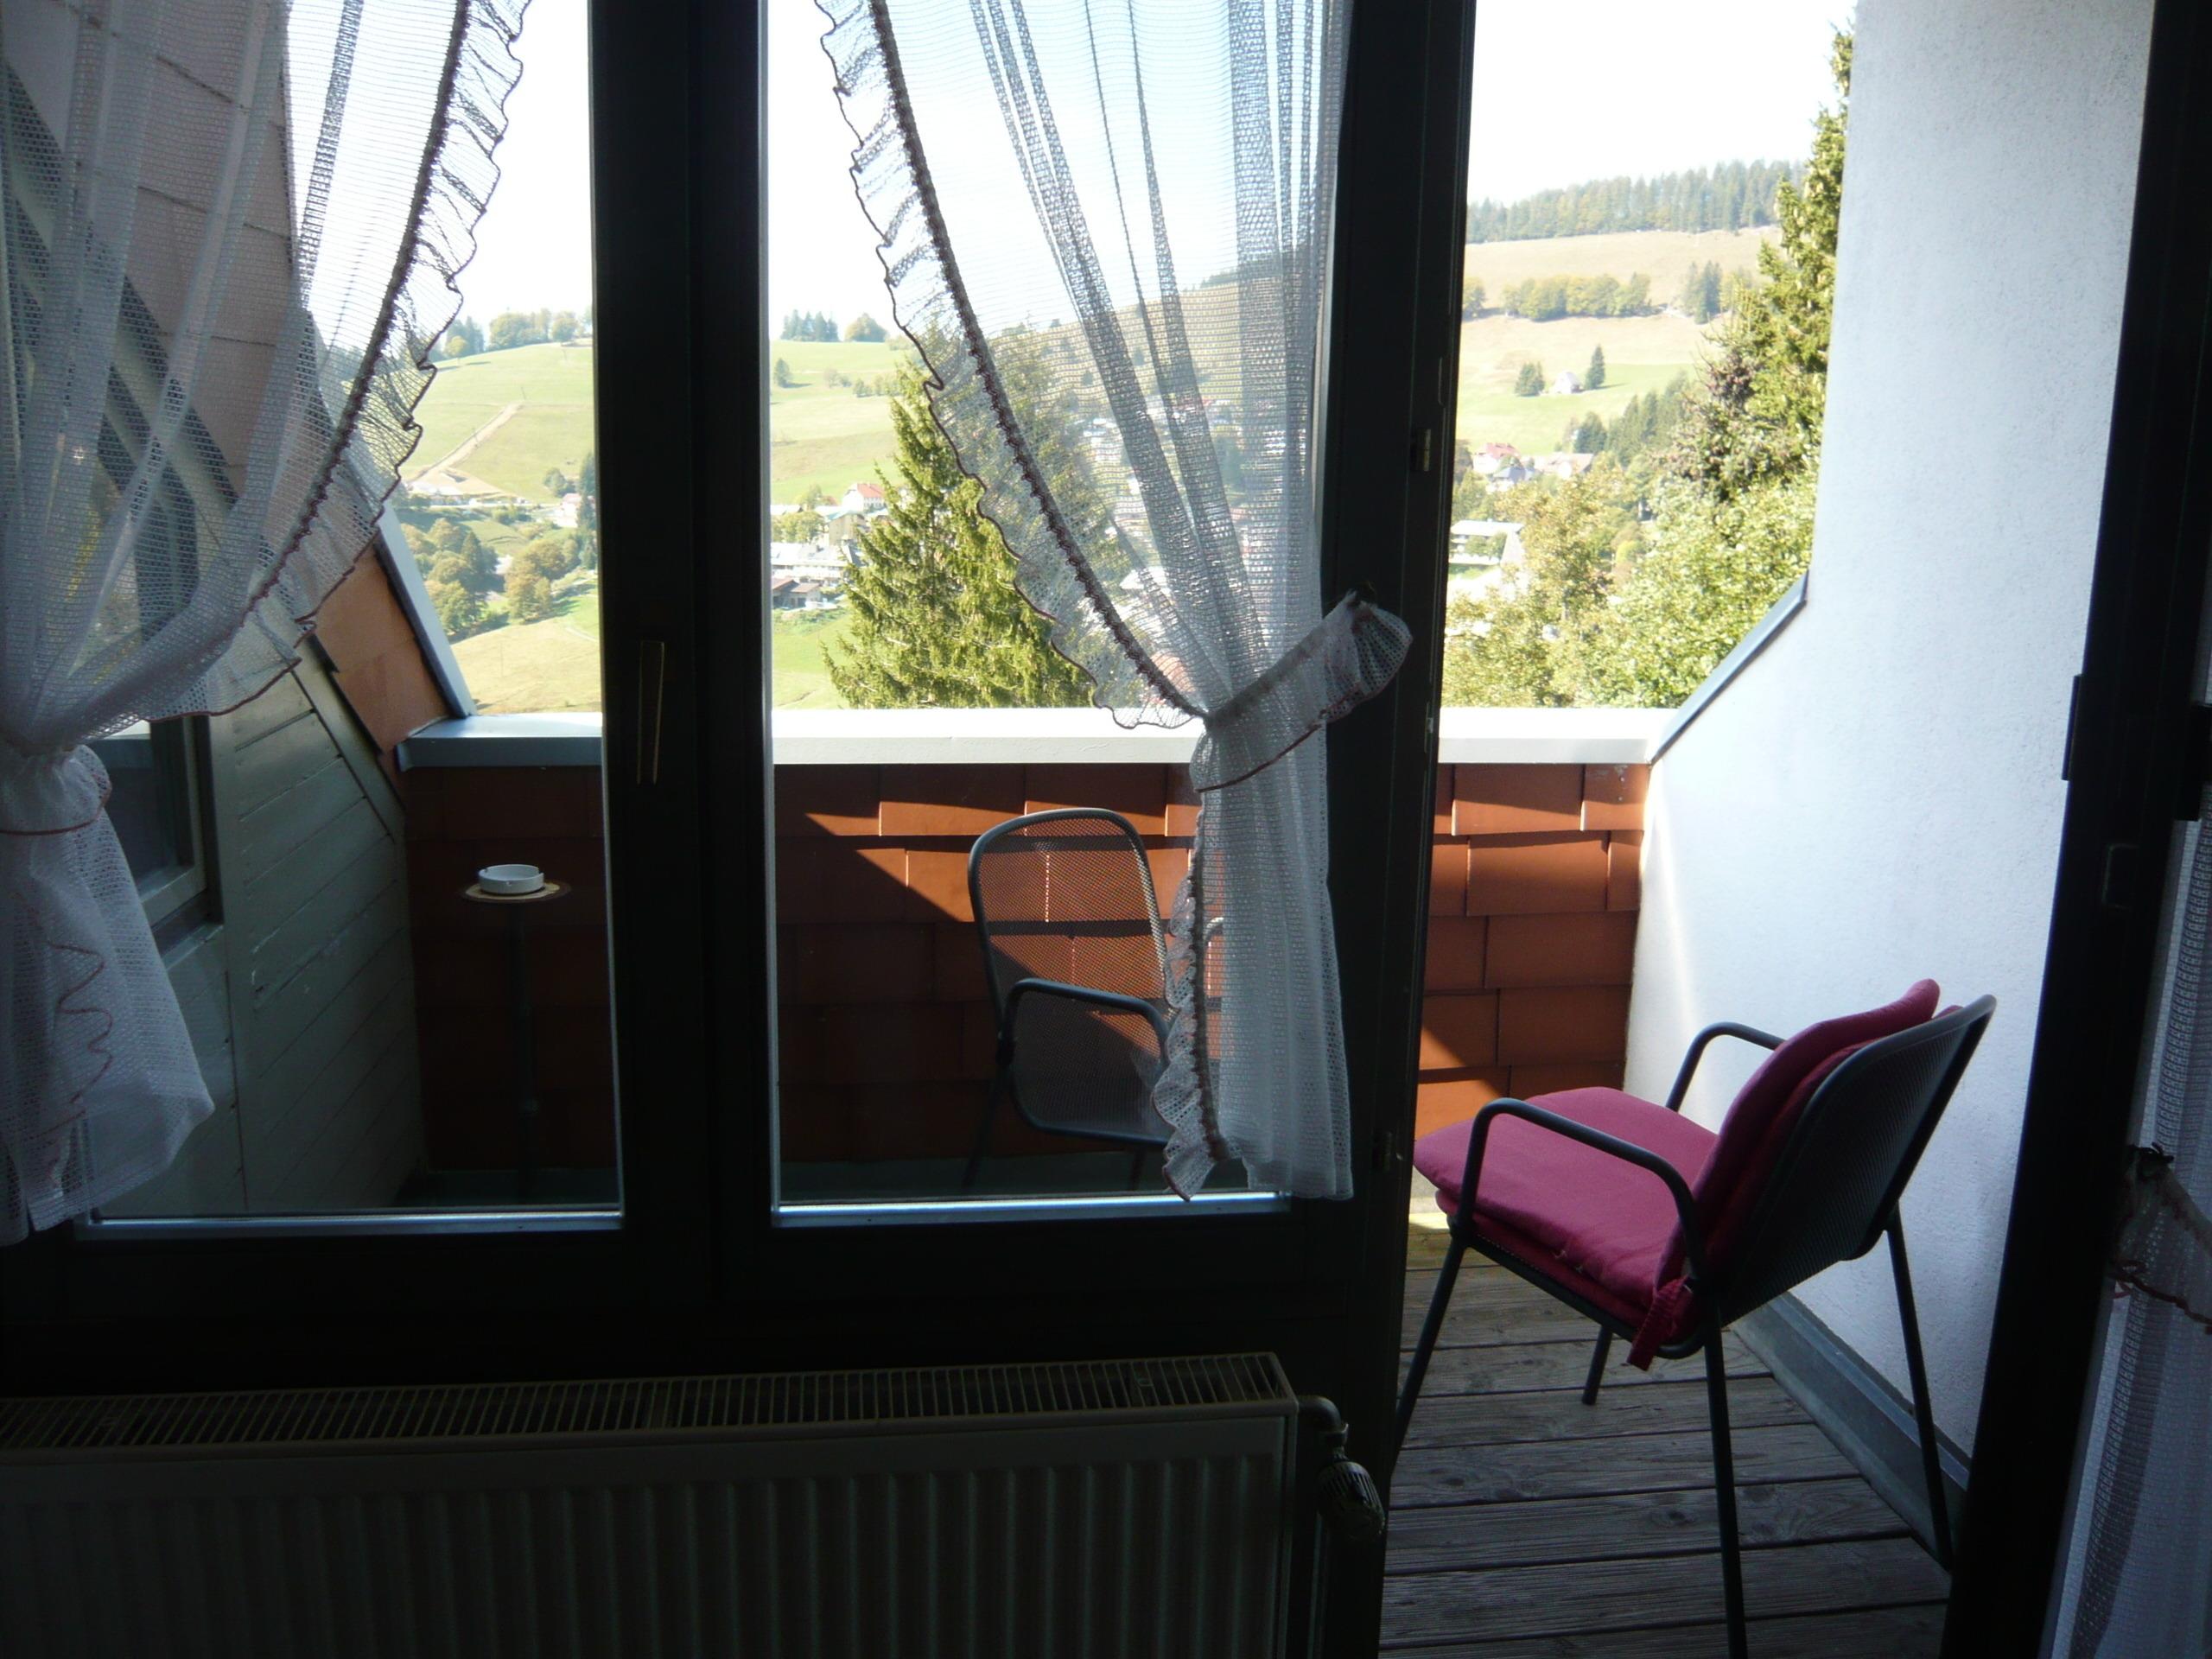 Ferienwohnung Fewo 20 - Residenz Schauinsland- mit SchwimmbadTodtnauberg bei Feldberg (2641795), Todtnau, Schwarzwald, Baden-Württemberg, Deutschland, Bild 8